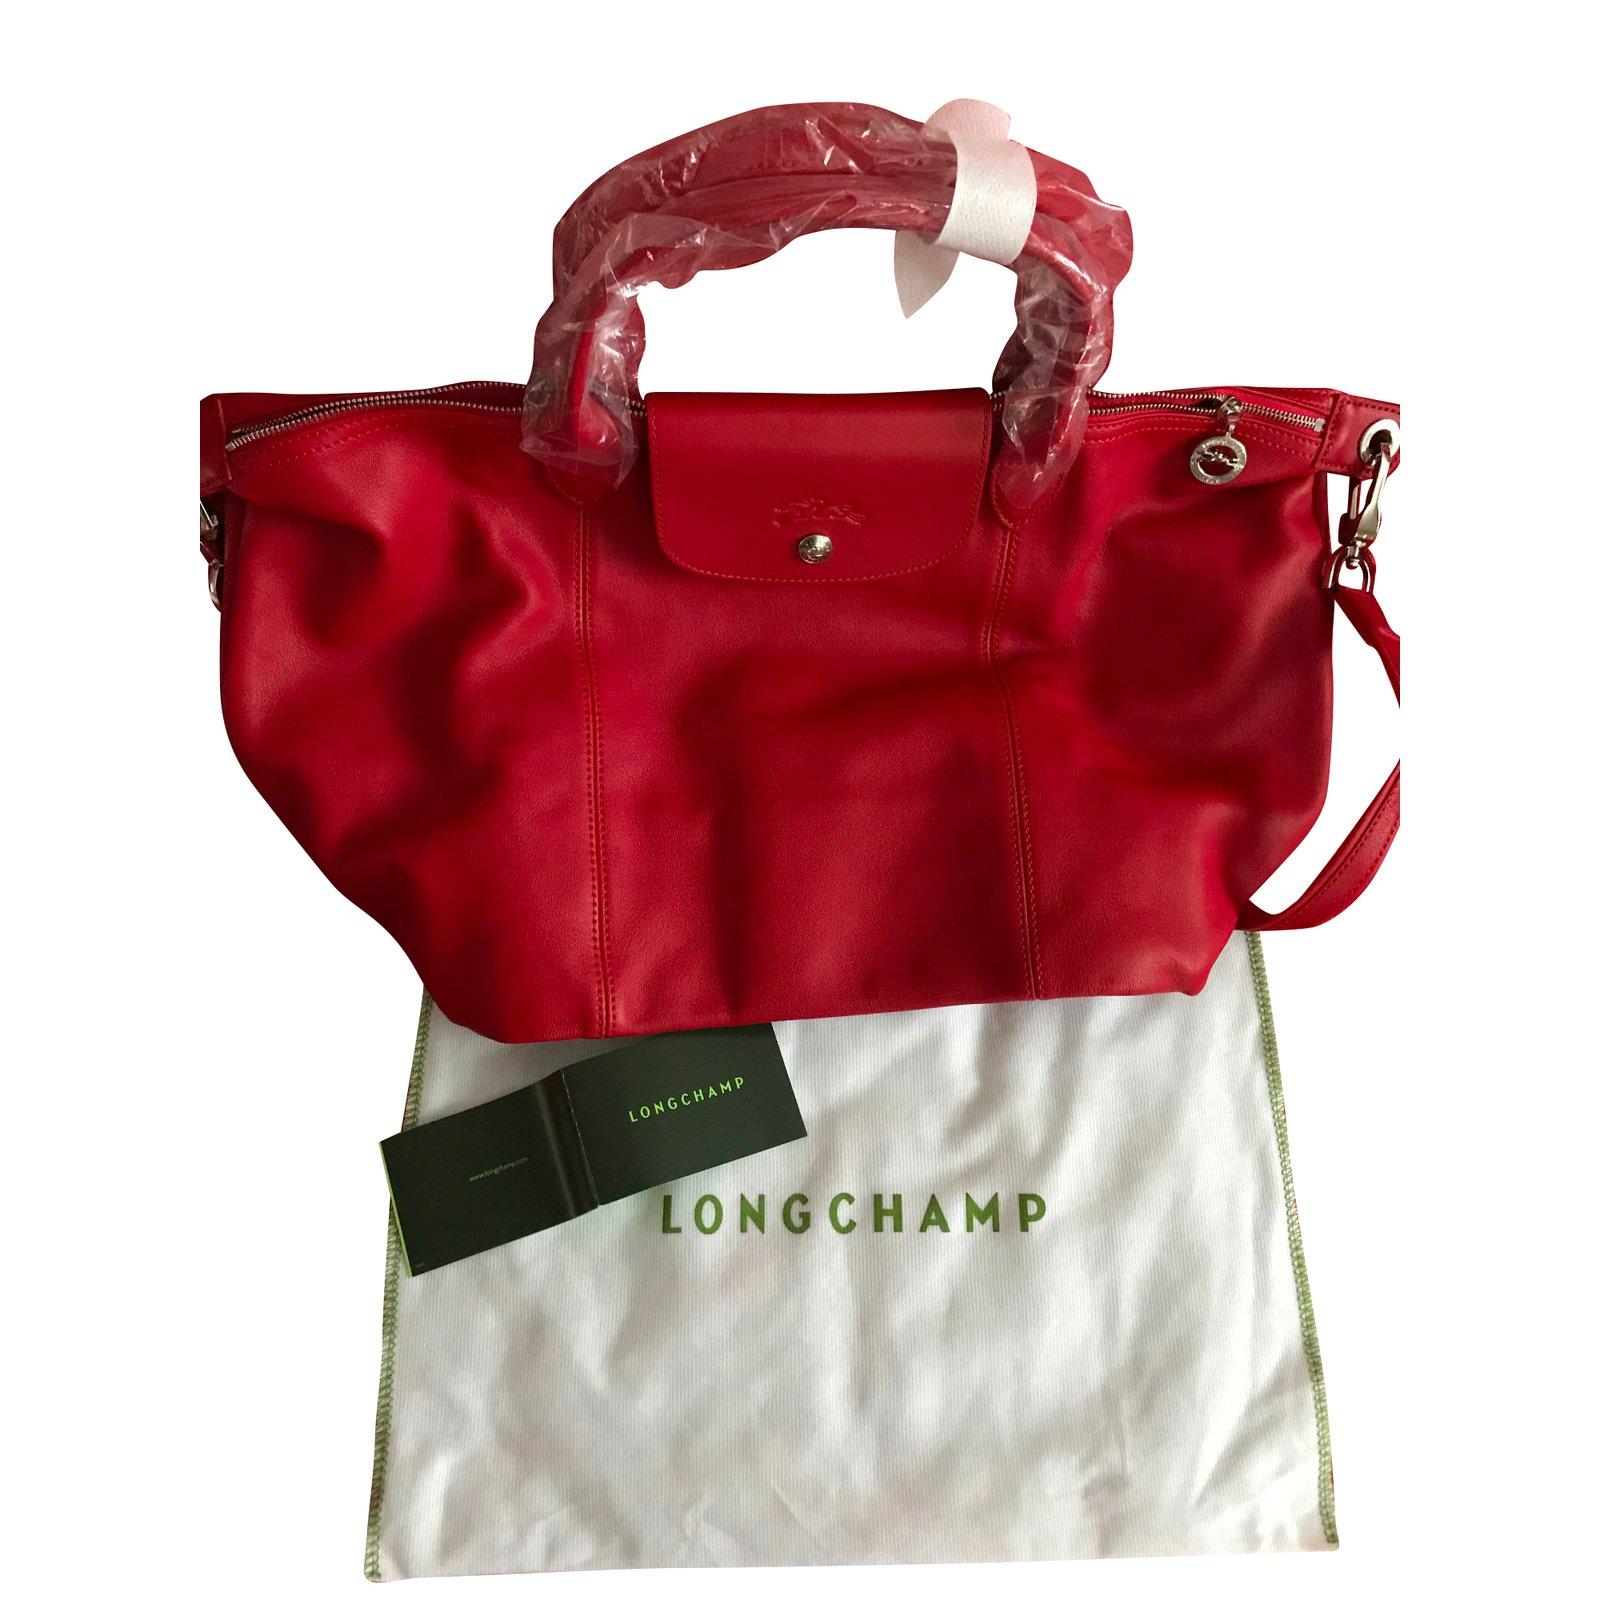 Sac à main Longchamp pliage Cuir Rouge | Rakuten